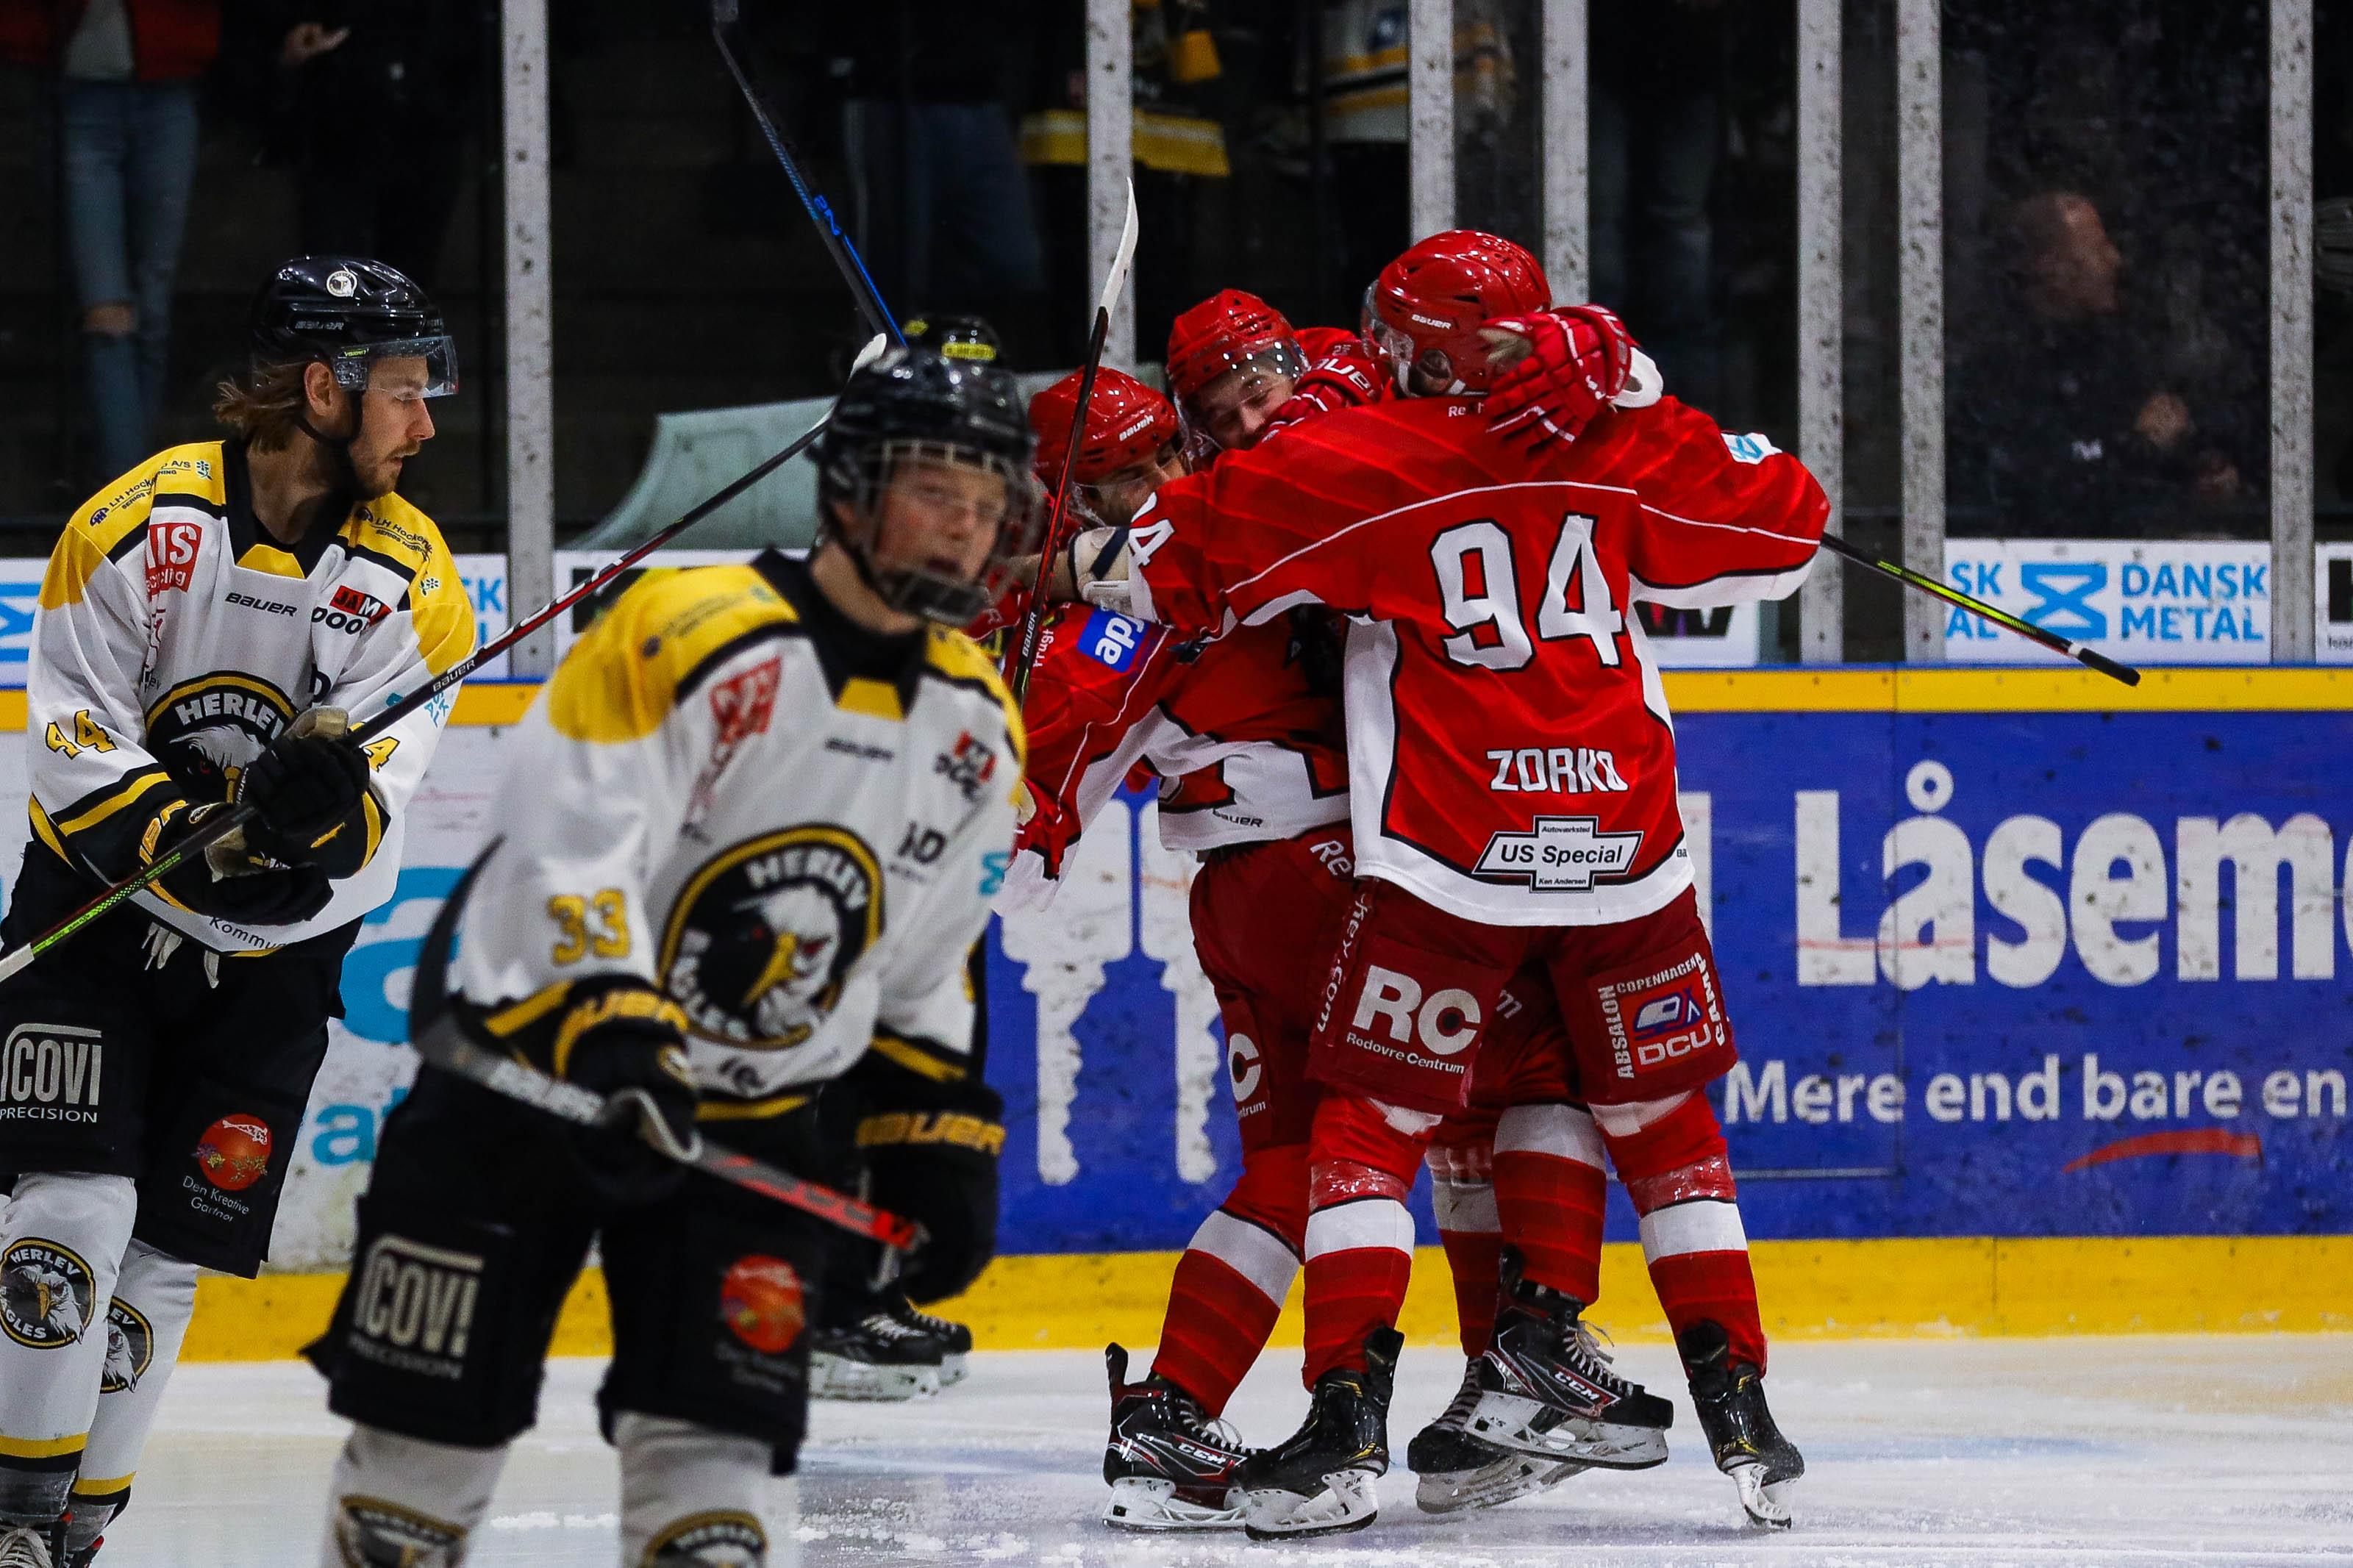 Rødovre-spillere jubler efter en scoring mod Herlev.